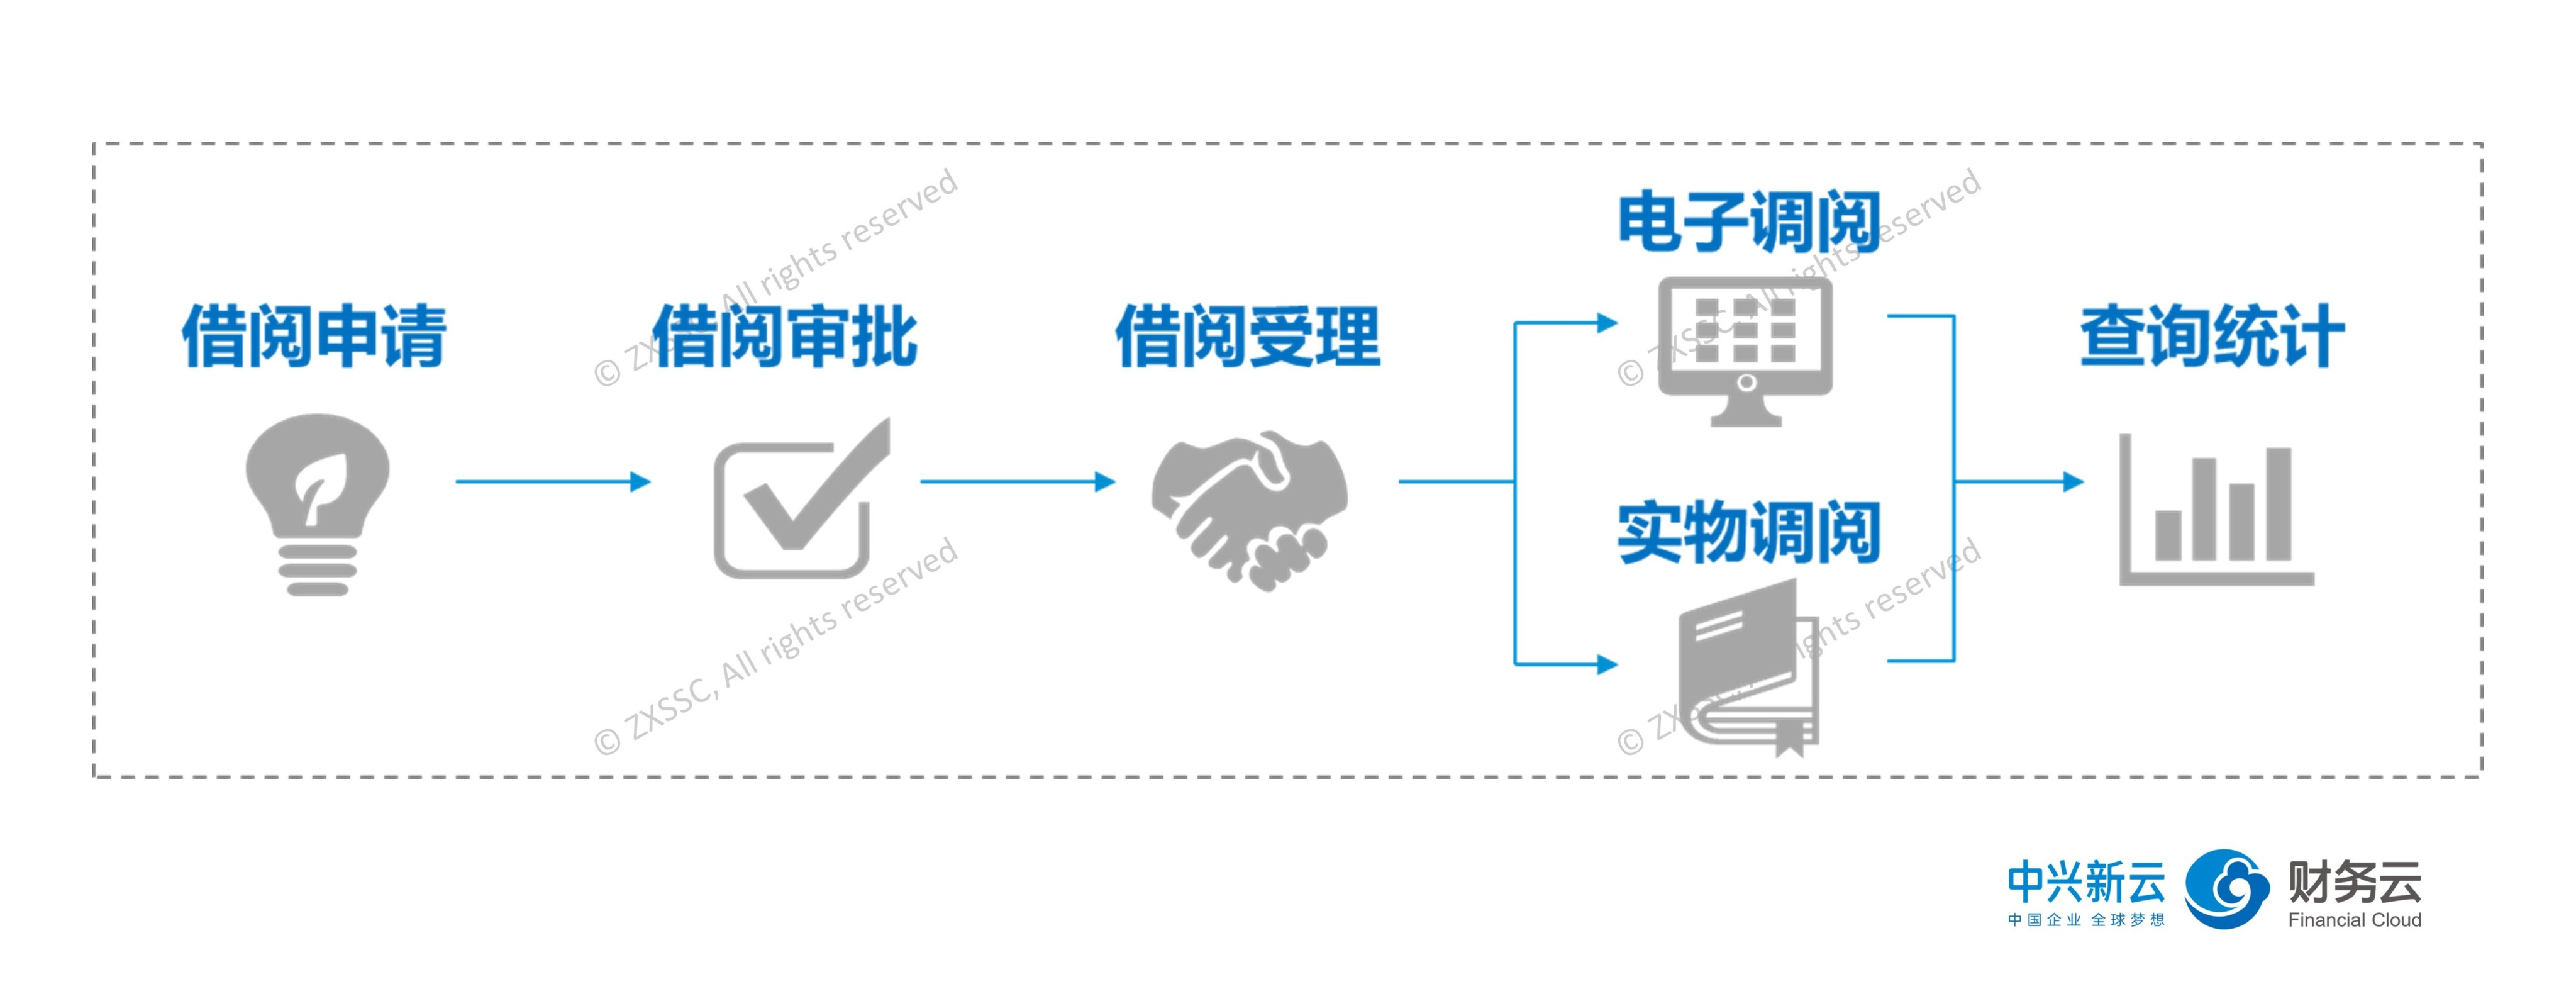 12档案管理规范化.jpg